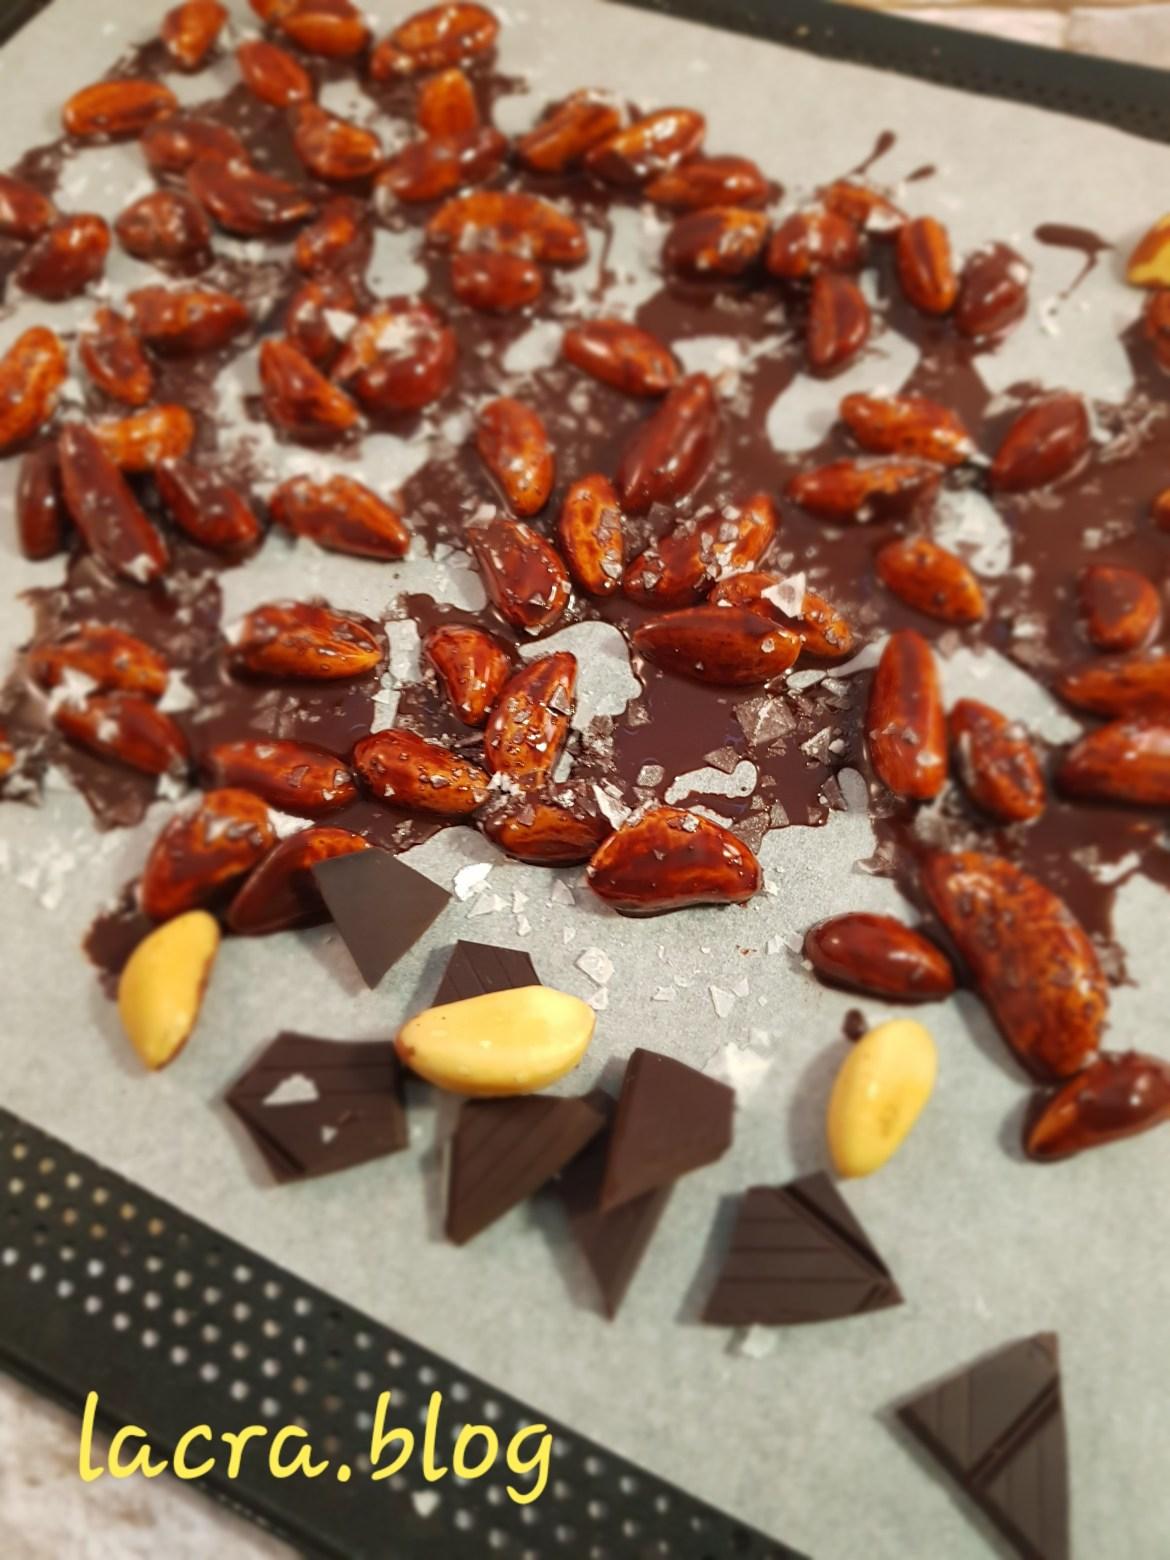 Nuci braziliene trase prin ciocolata